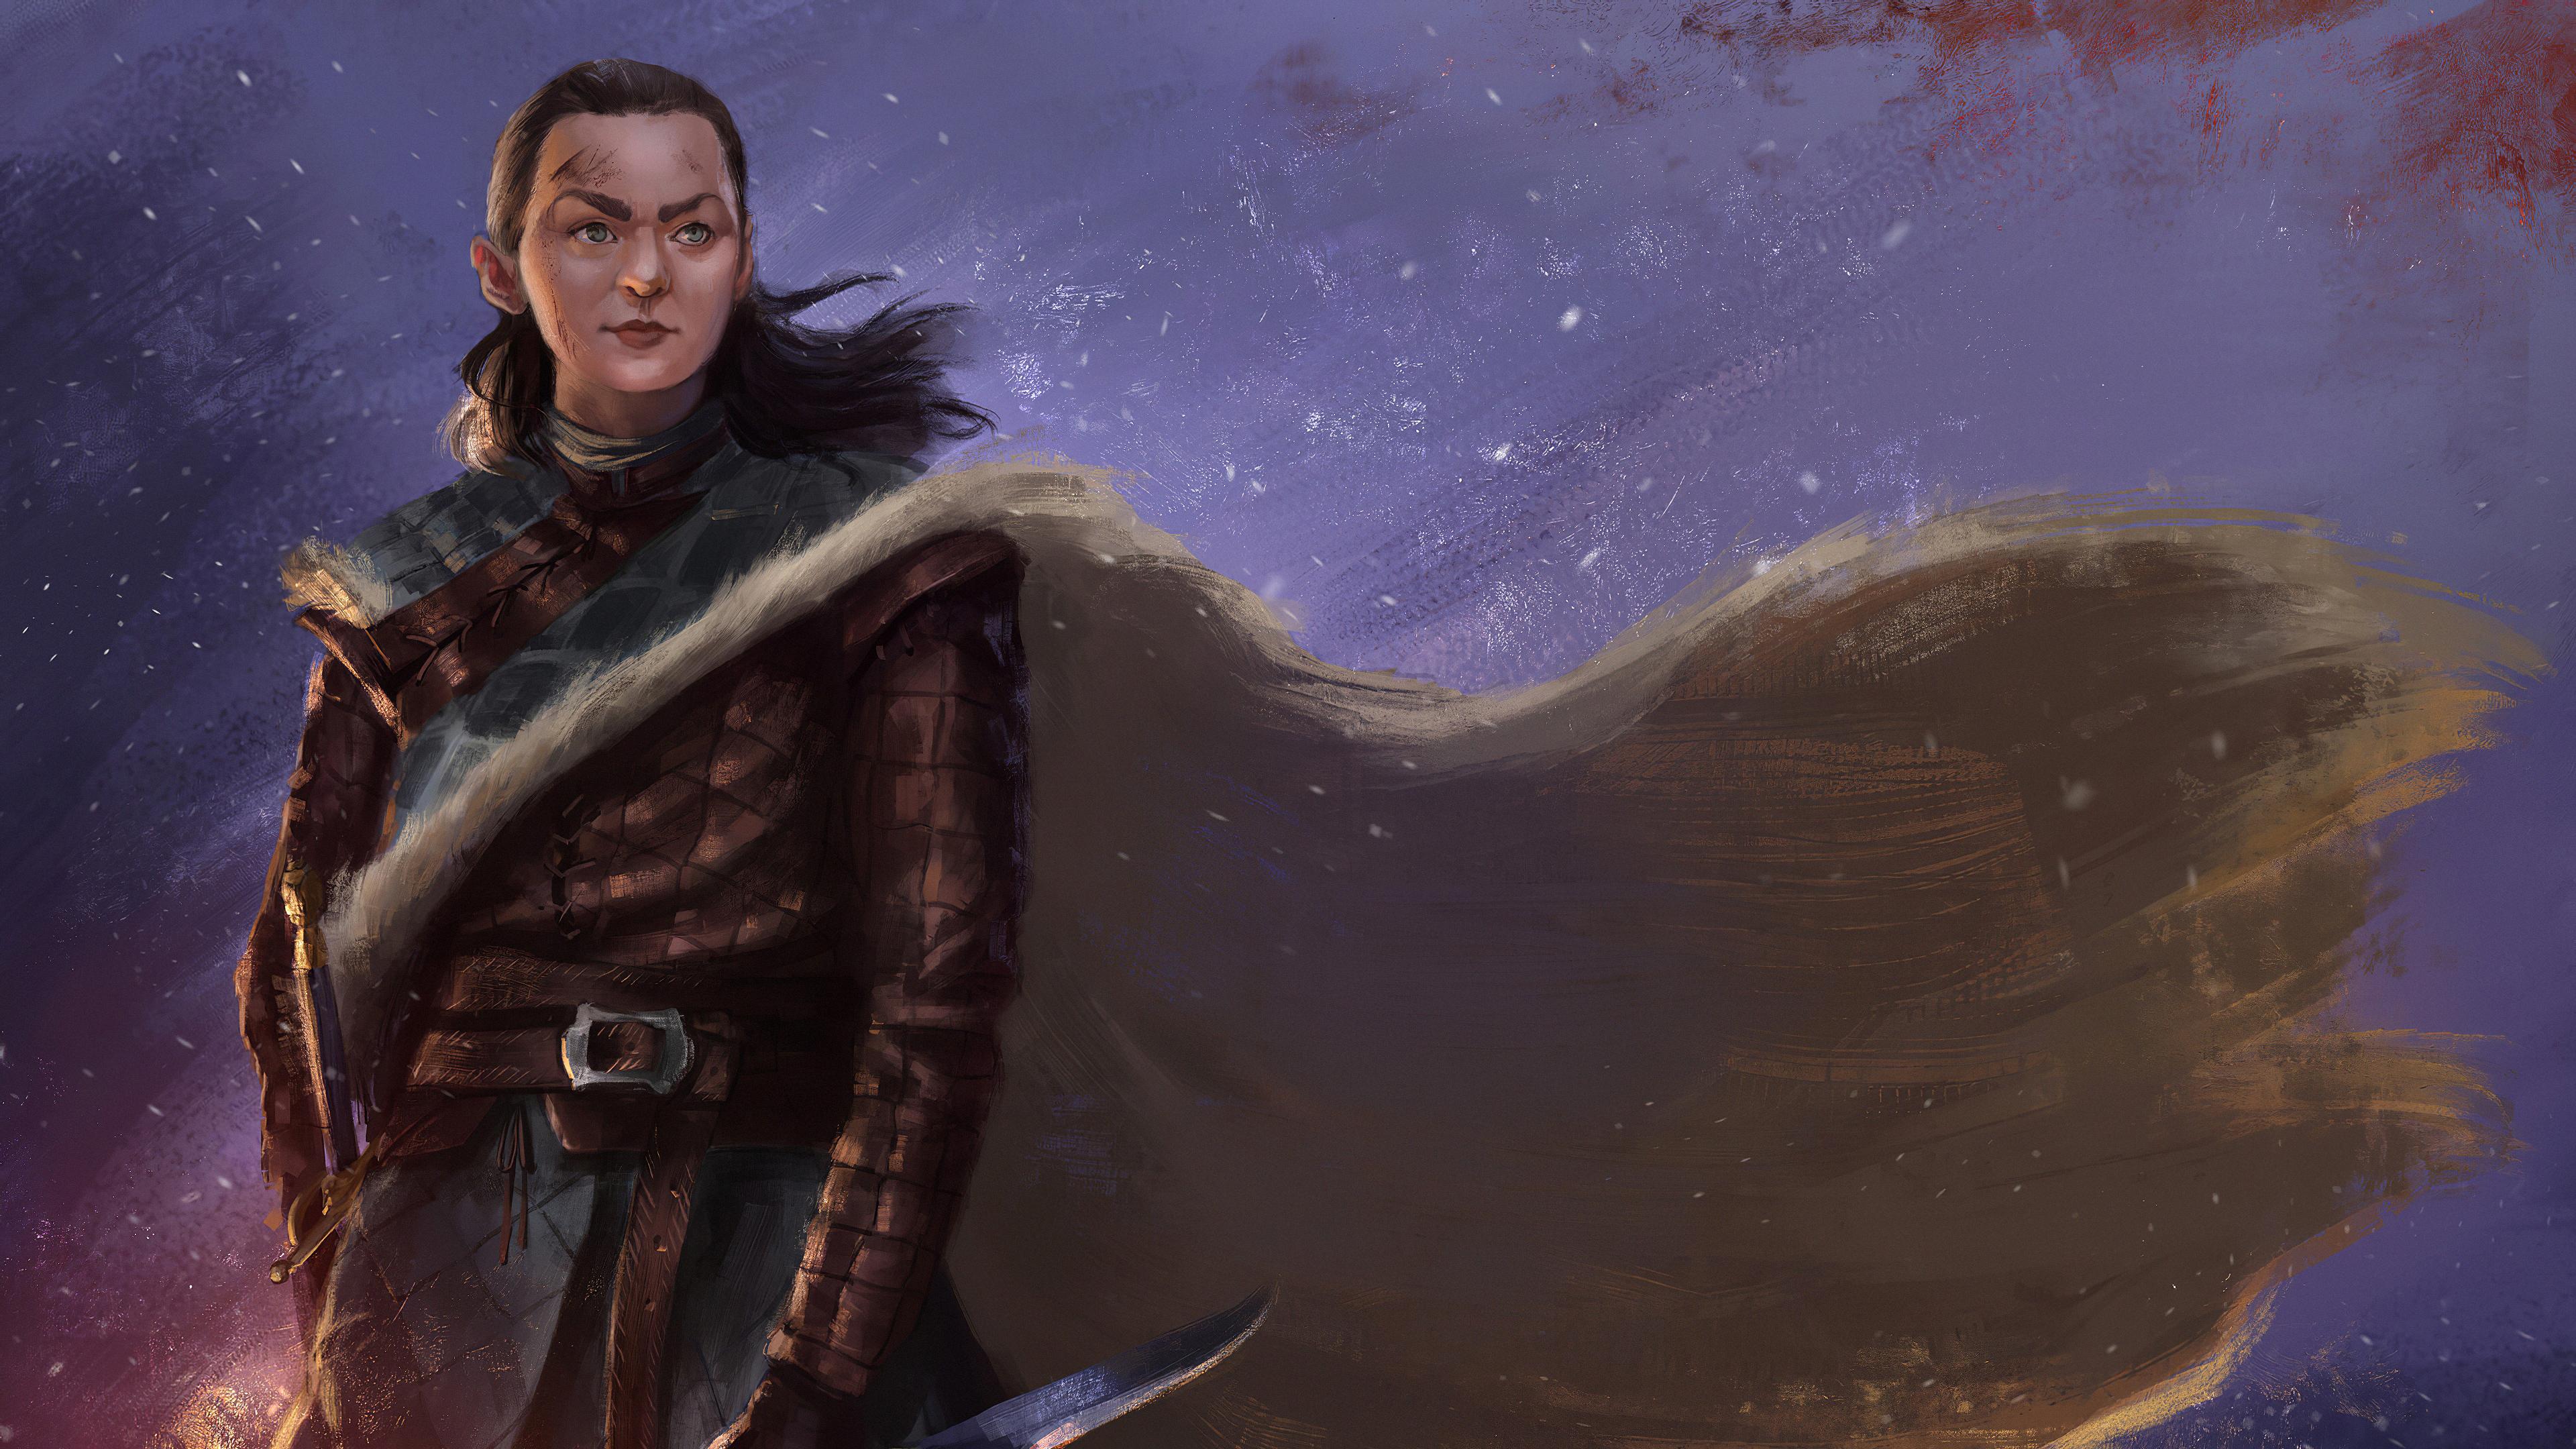 arya stark fan art 1578252734 - Arya Stark Fan Art -